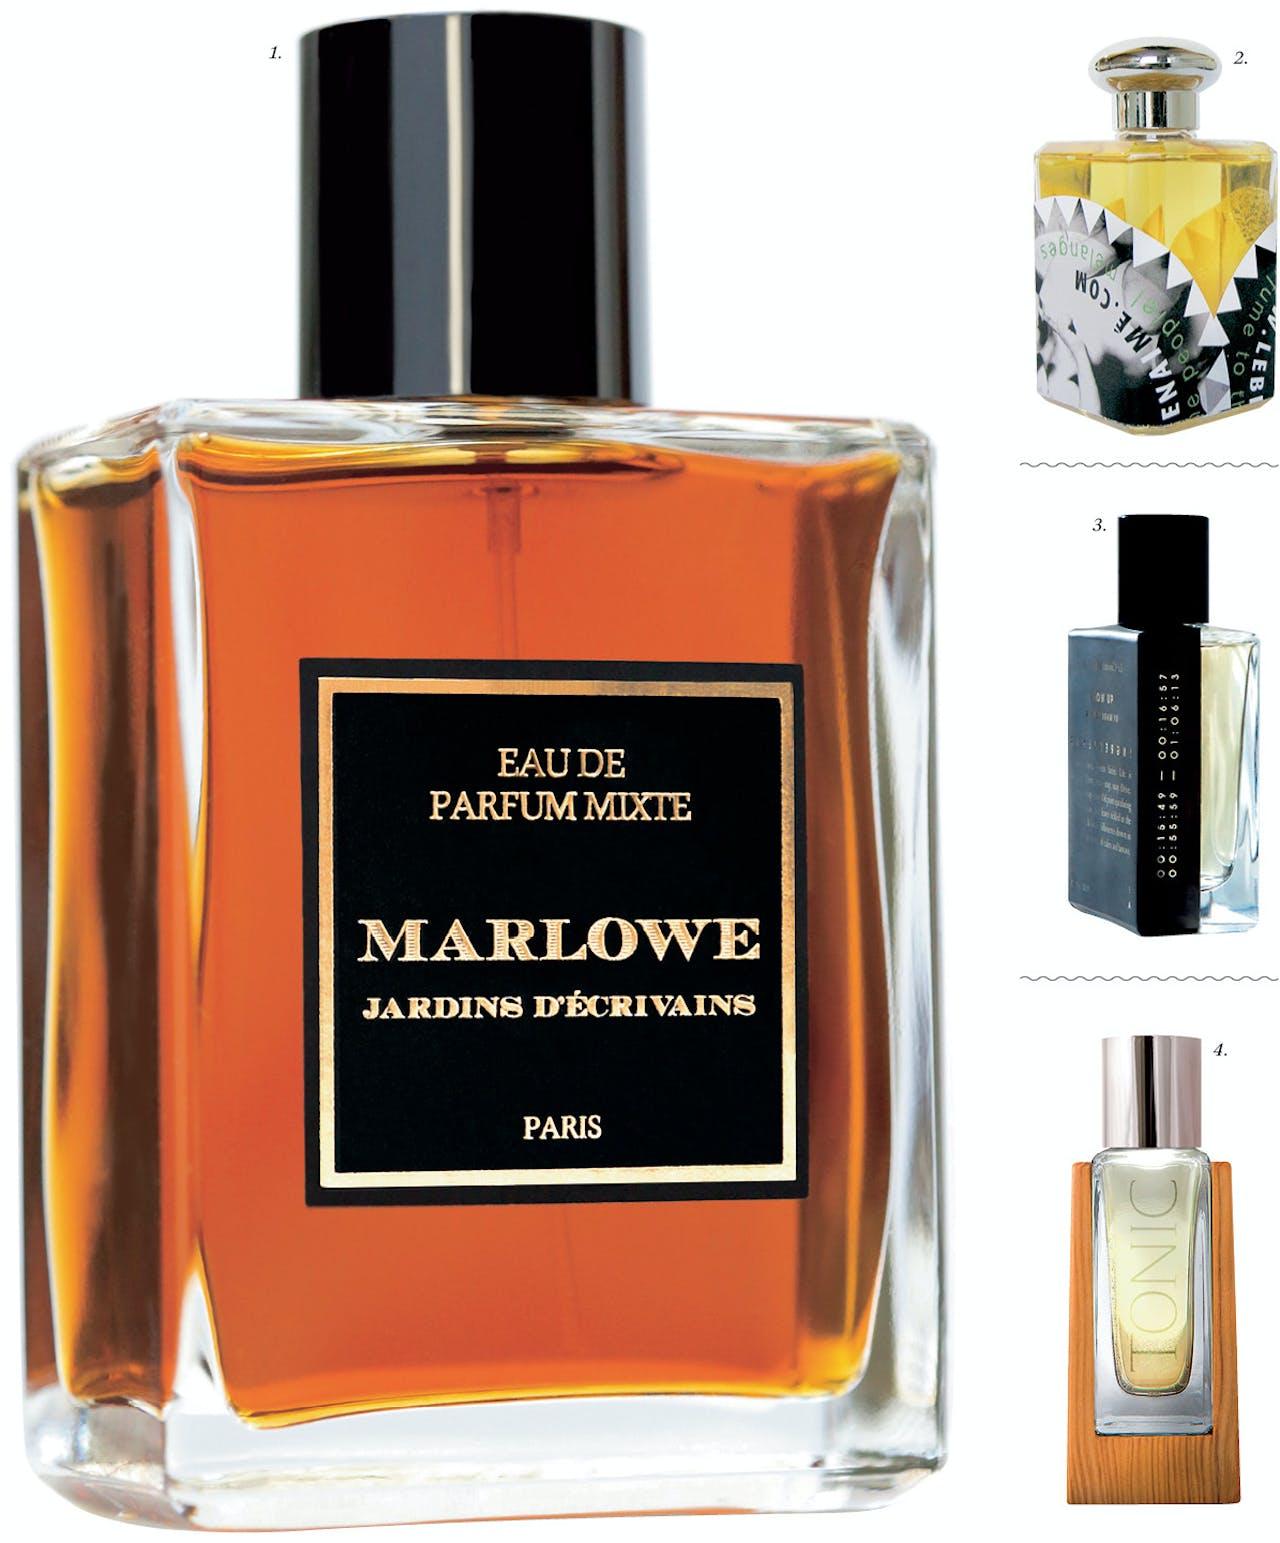 Marlowe, geïnspireerd op schrijver Christopher Marlowe, bevat noten van gedroogde bloemen, leer en muskus.